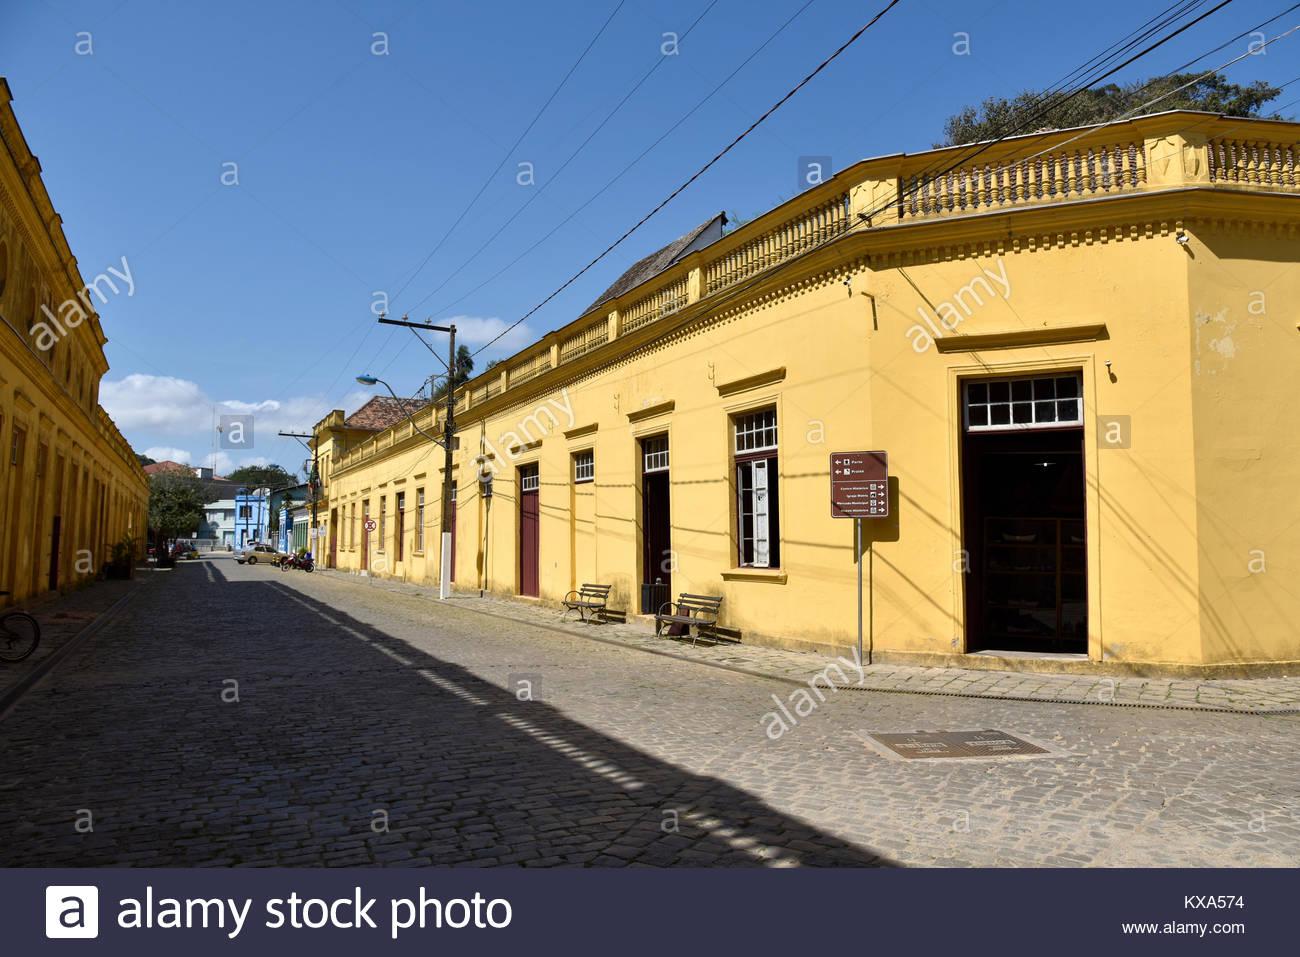 Museu Nacional do Mar no centro histórico da cidade,São Francisco do Sul, Santa Catarina, Brazil, 08/2017 - Stock Image